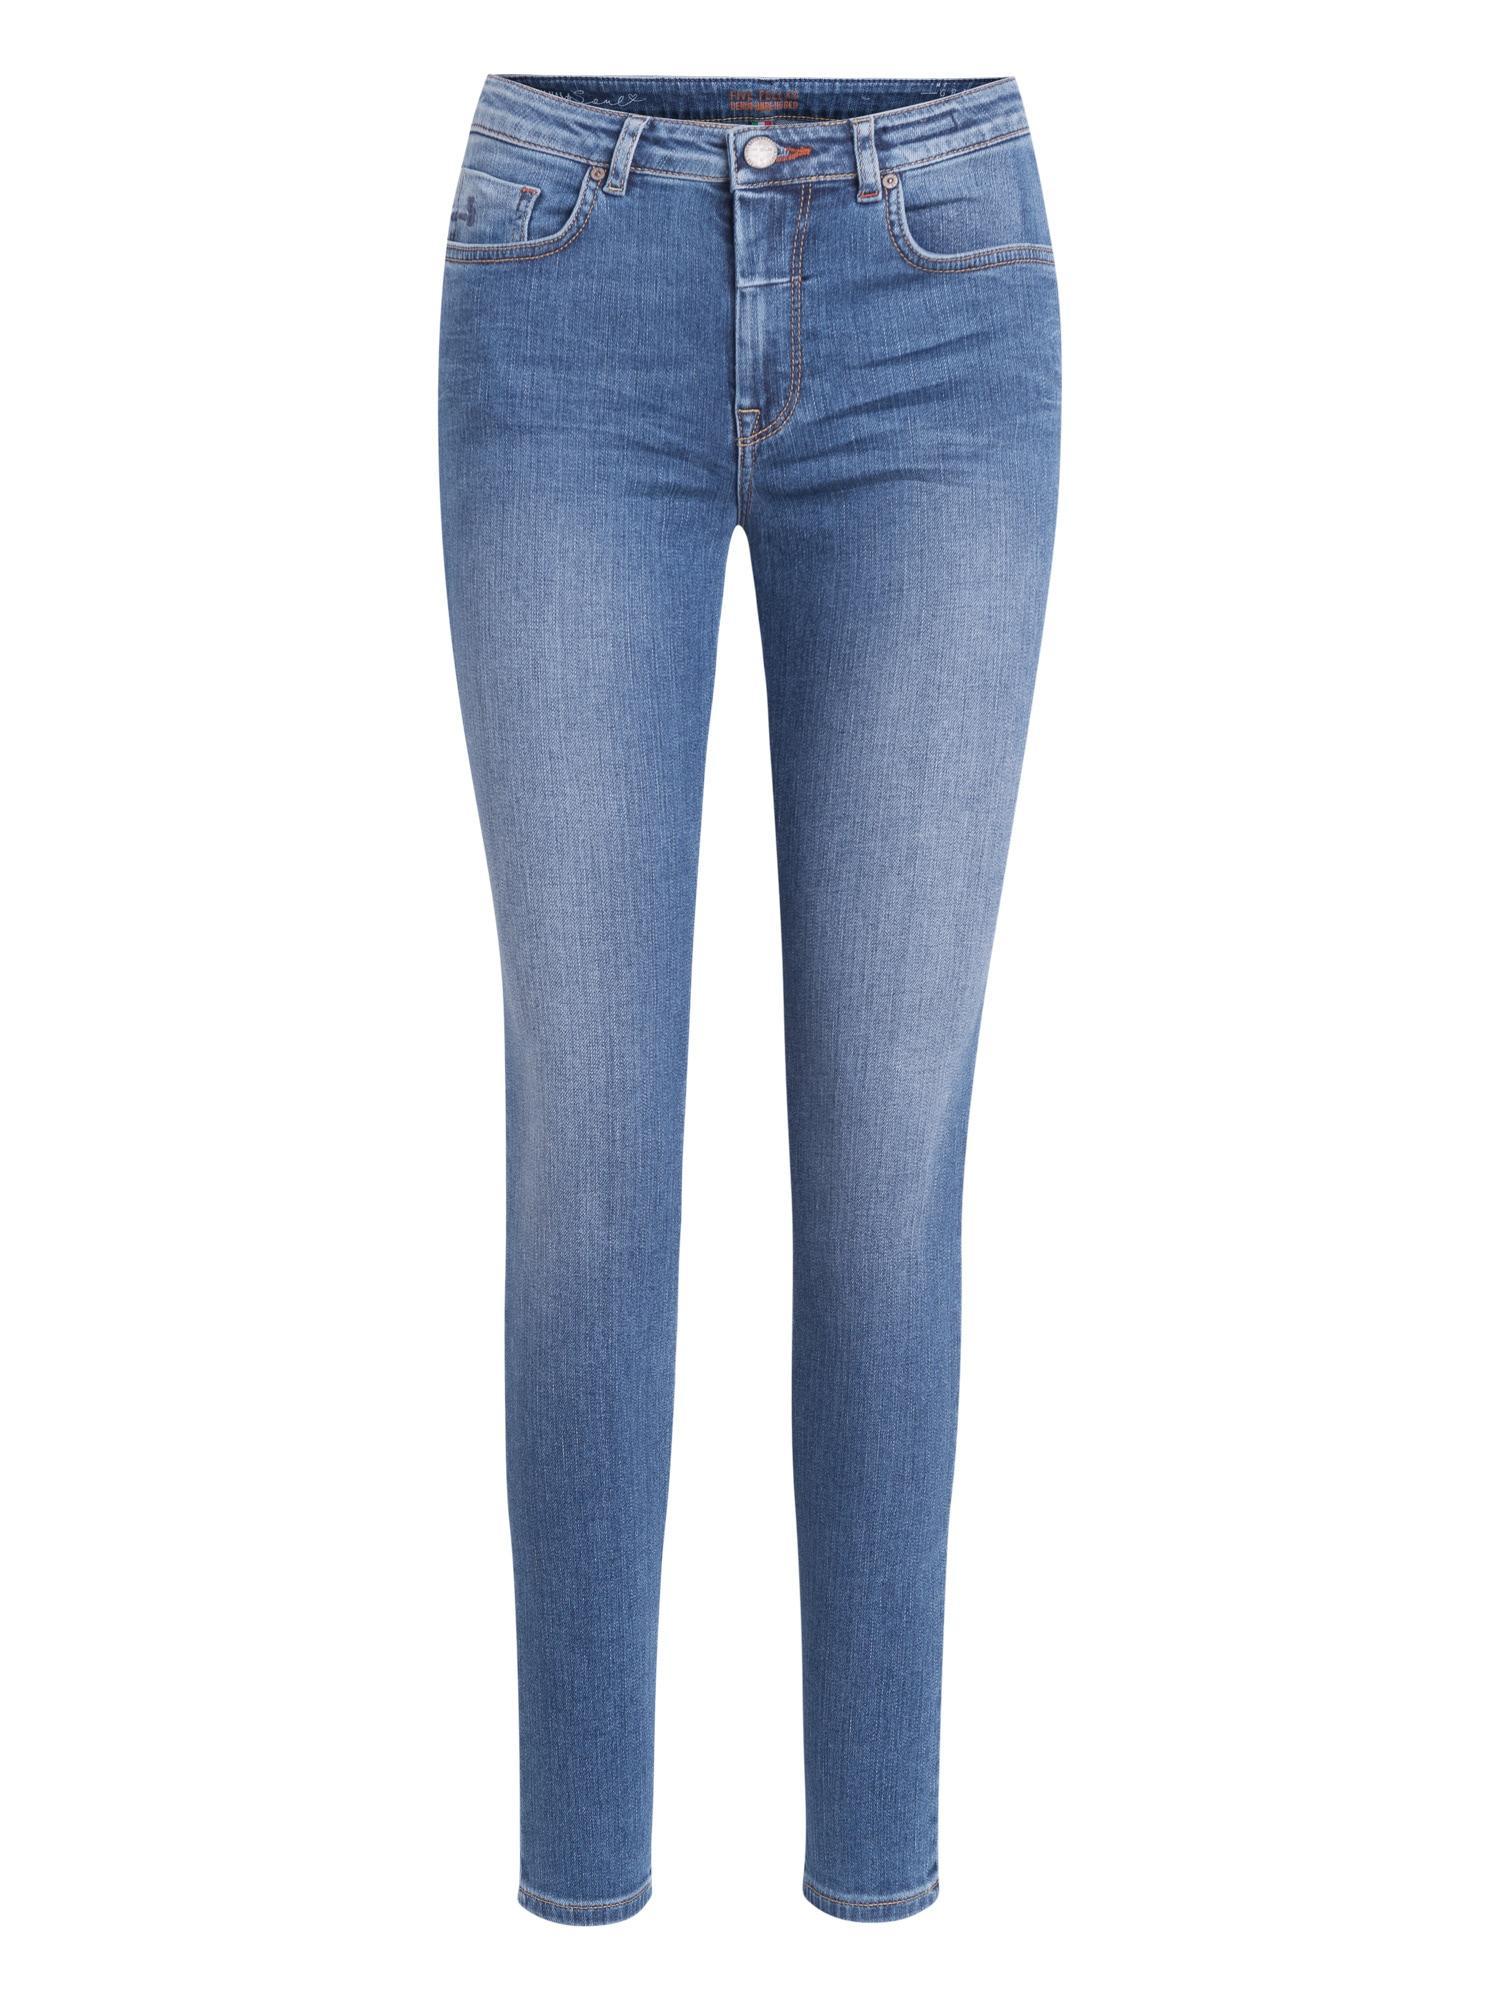 Five Fellas Jeans blau